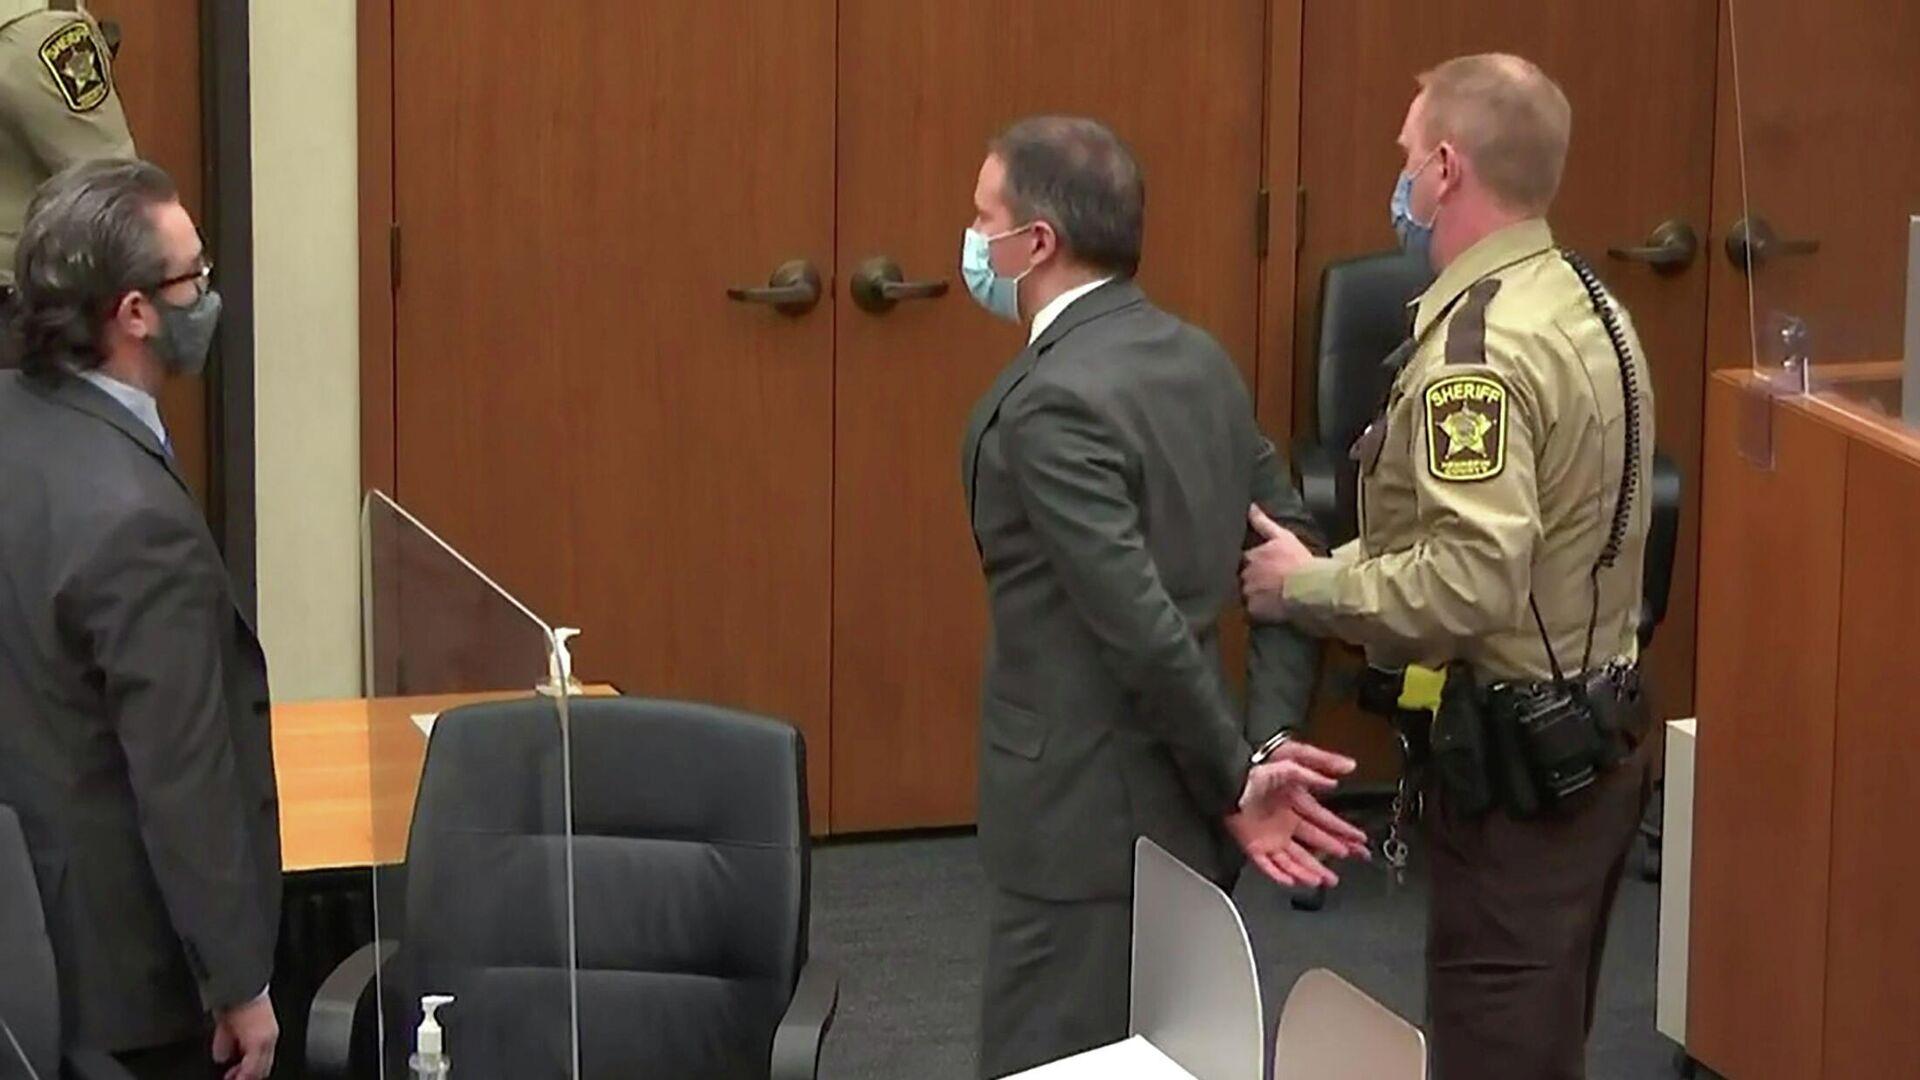 Экс-полицейского Дерека Шовина выводят после заседания суда по делу о смерти Джорджа Флойда - РИА Новости, 1920, 24.09.2021